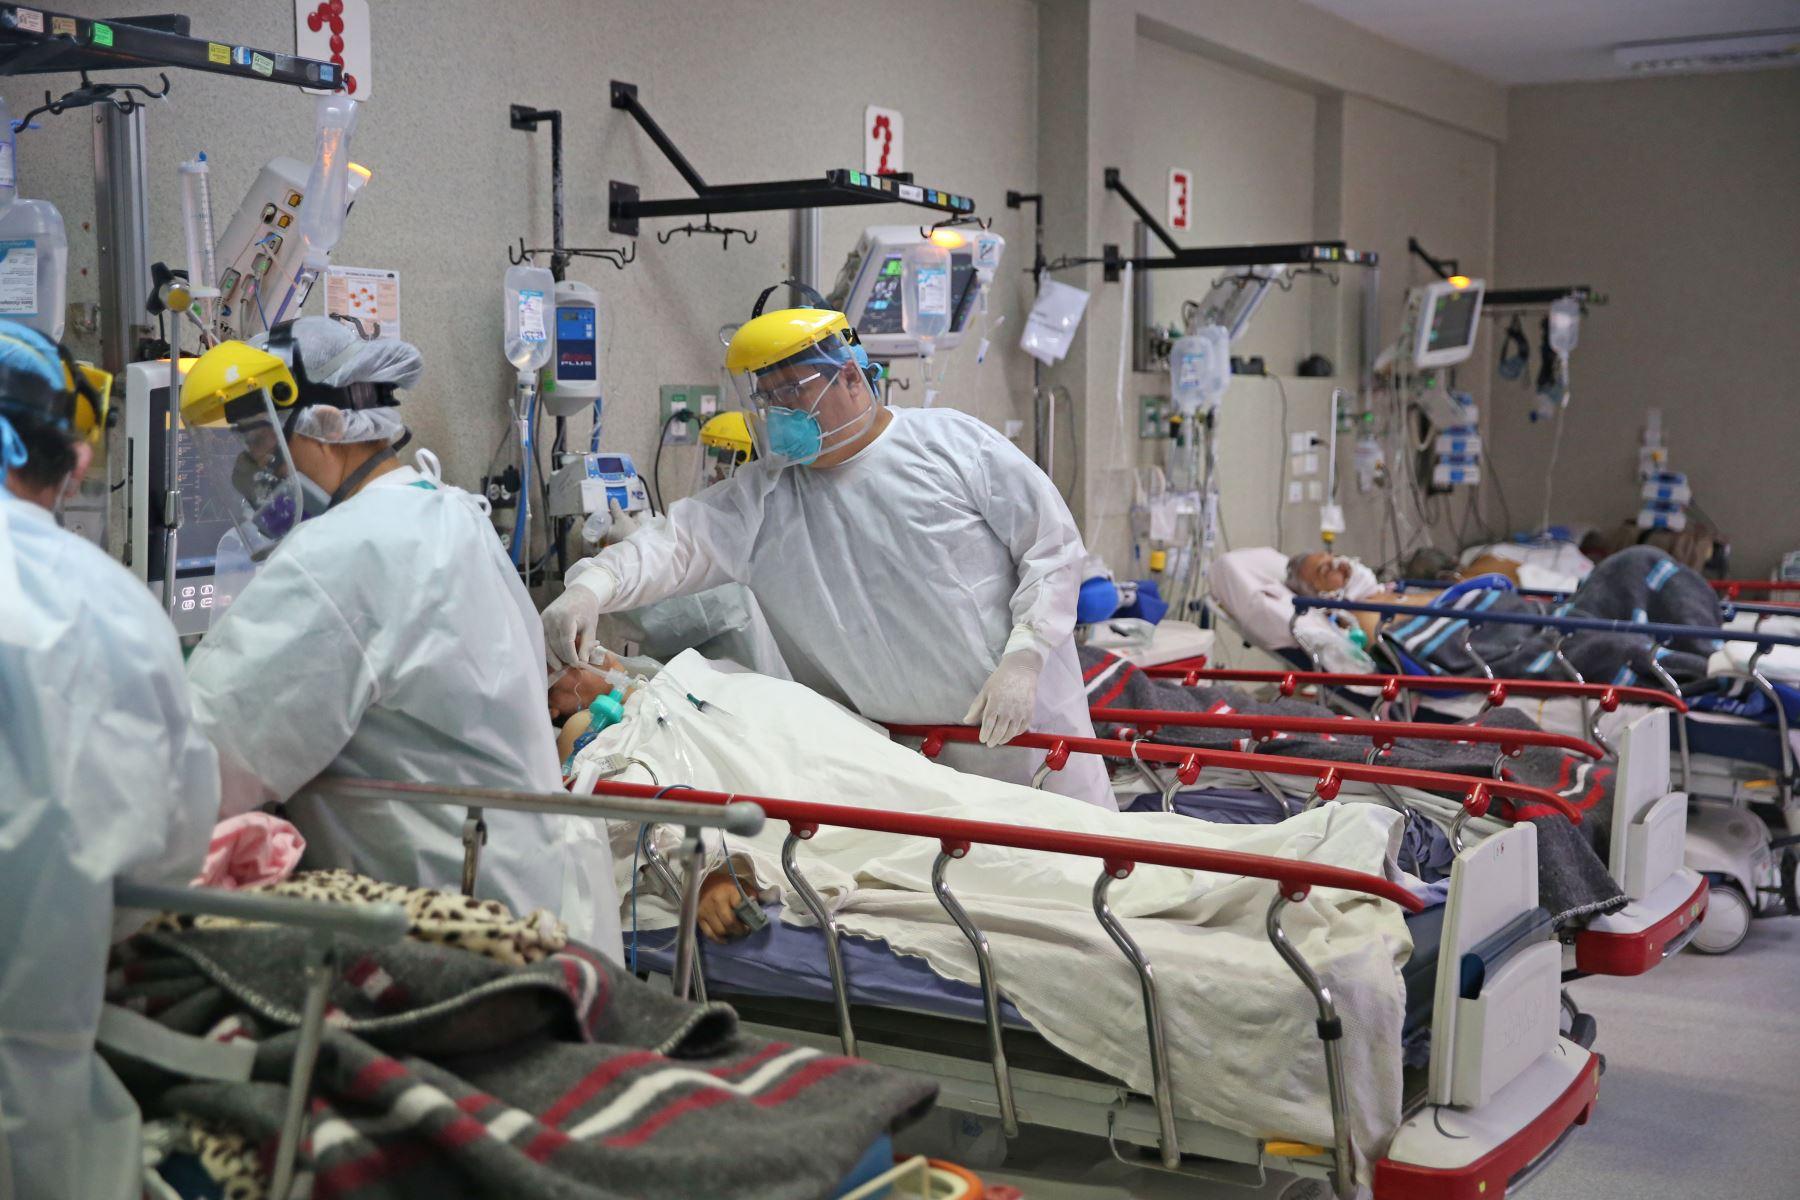 EL Minsa informó que 14,976 pacientes están hospitalizados por covid-19 y de ellos 2,591 se encuentran en UCI con ventilación mecánica. Foto: ANDINA/Jhonel Rodríguez Robles